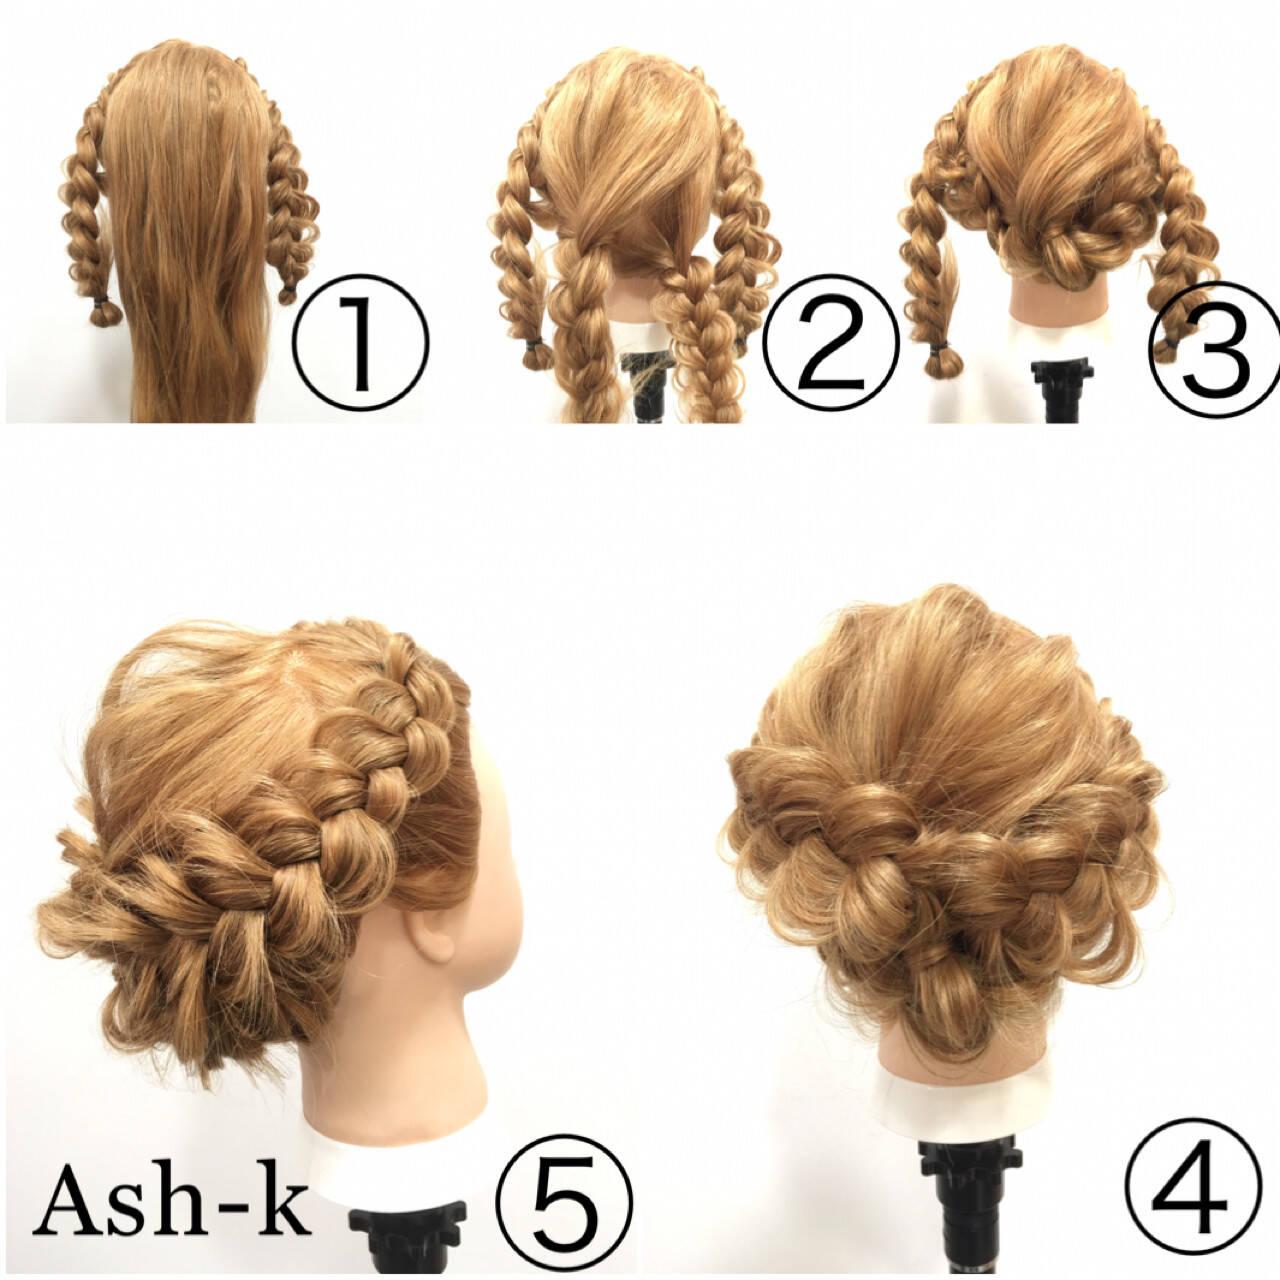 エレガント 三つ編み 大人女子 簡単ヘアアレンジヘアスタイルや髪型の写真・画像